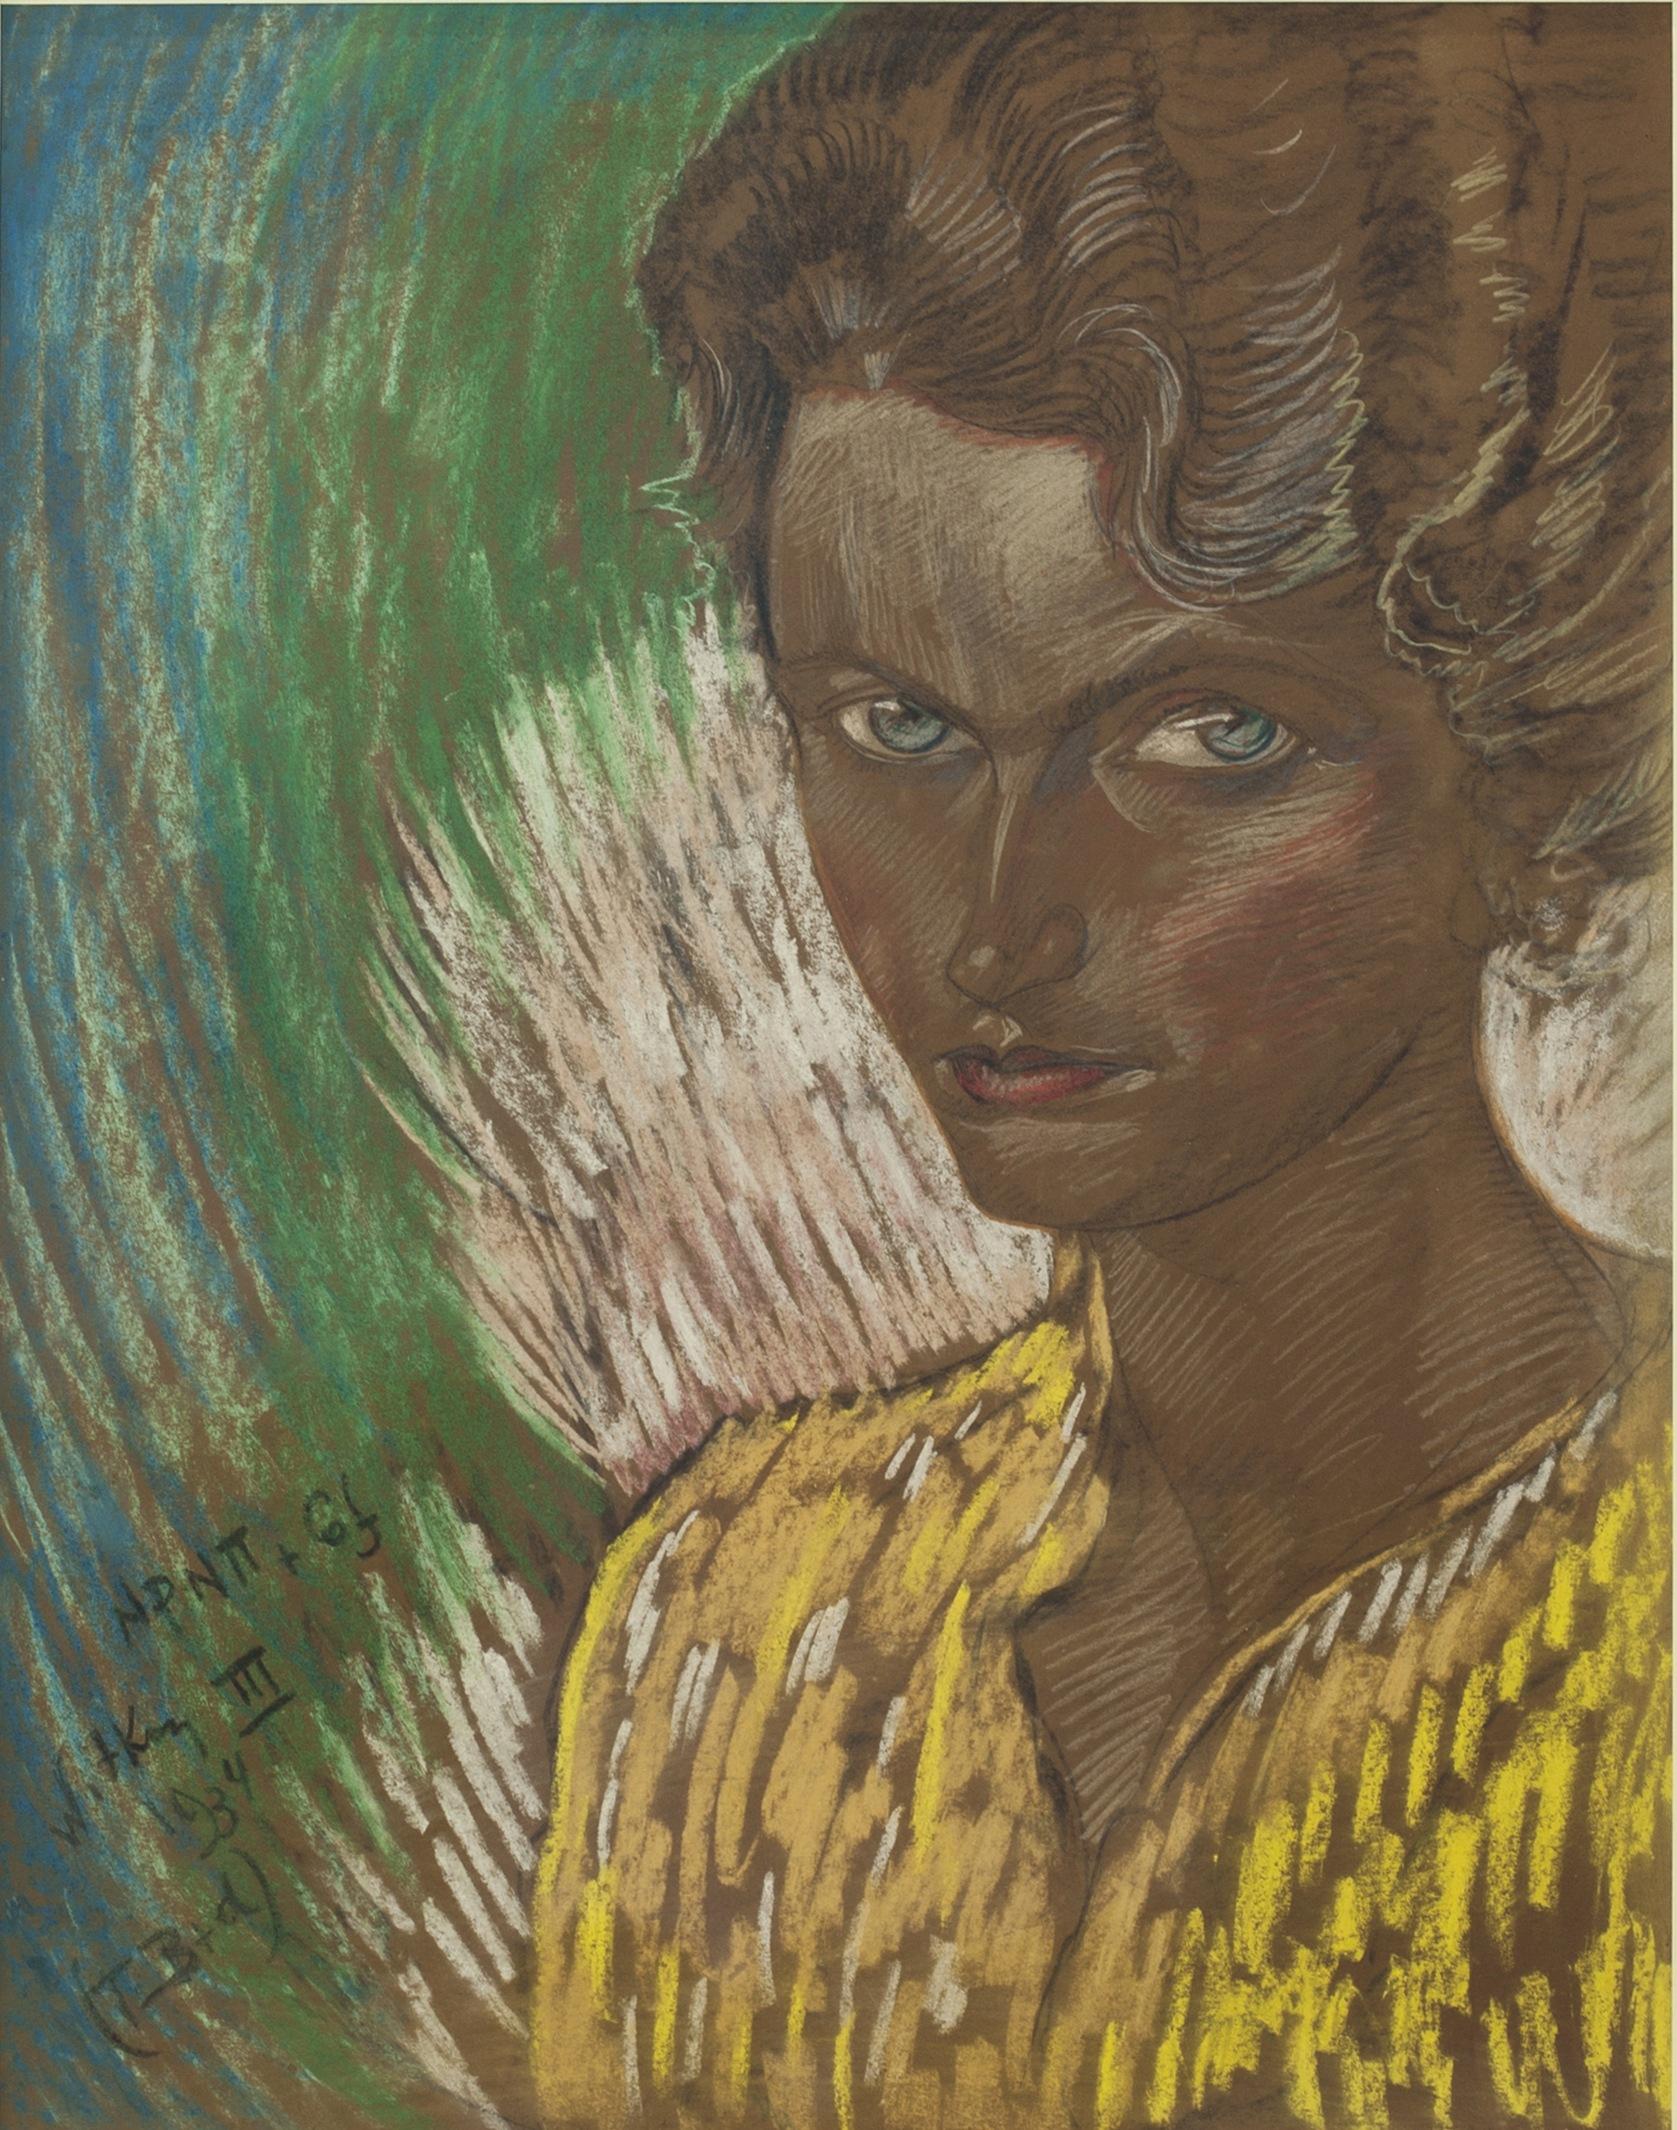 Stanisław Ignacy Witkiewicz Witkacy (1885-1939), Maria z Kopycińskich Bursowa - matka poety Adama Bursy